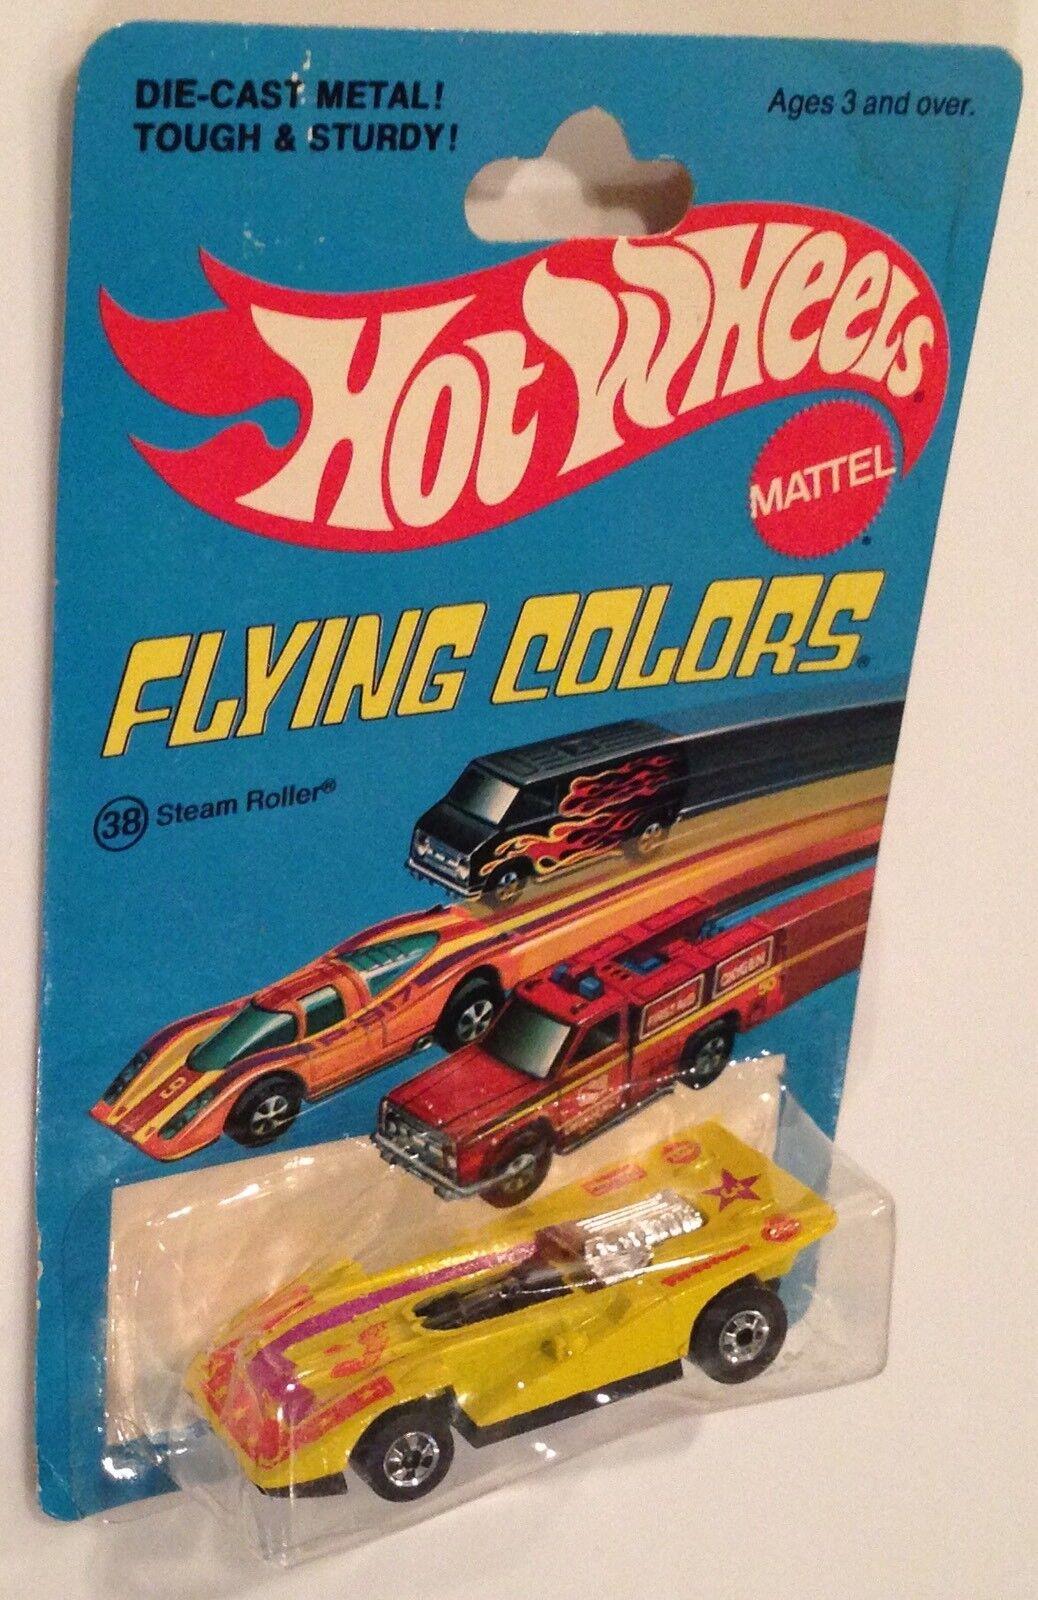 Menta en tarjeta 1977 Hot Wheels Flying Colorees giallo Rodillo de vapor rara variación de 7 estrellas